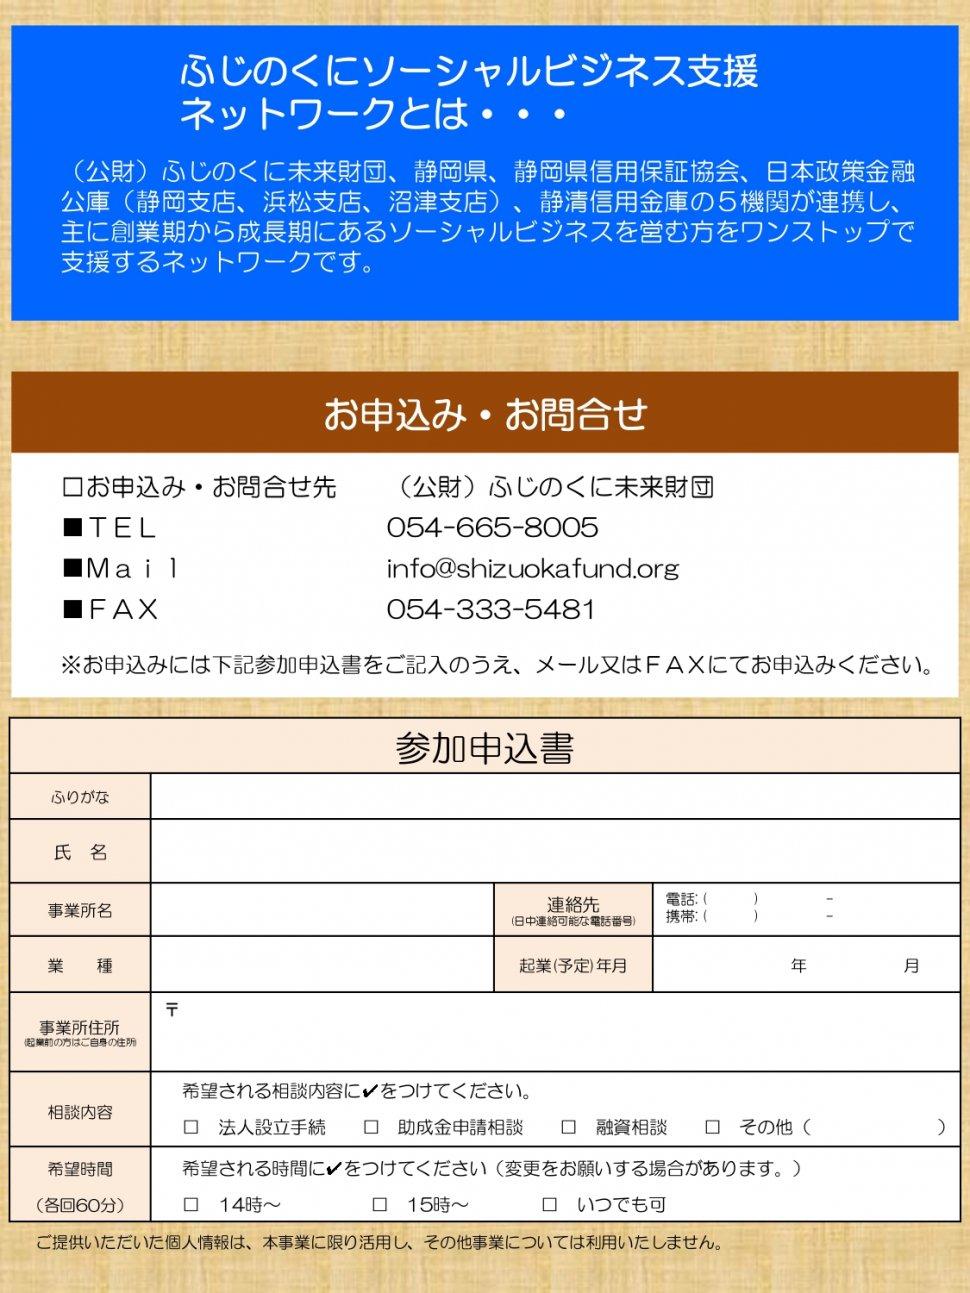 平成31年度第2回資金相談会案内(2019.6.19)申込書